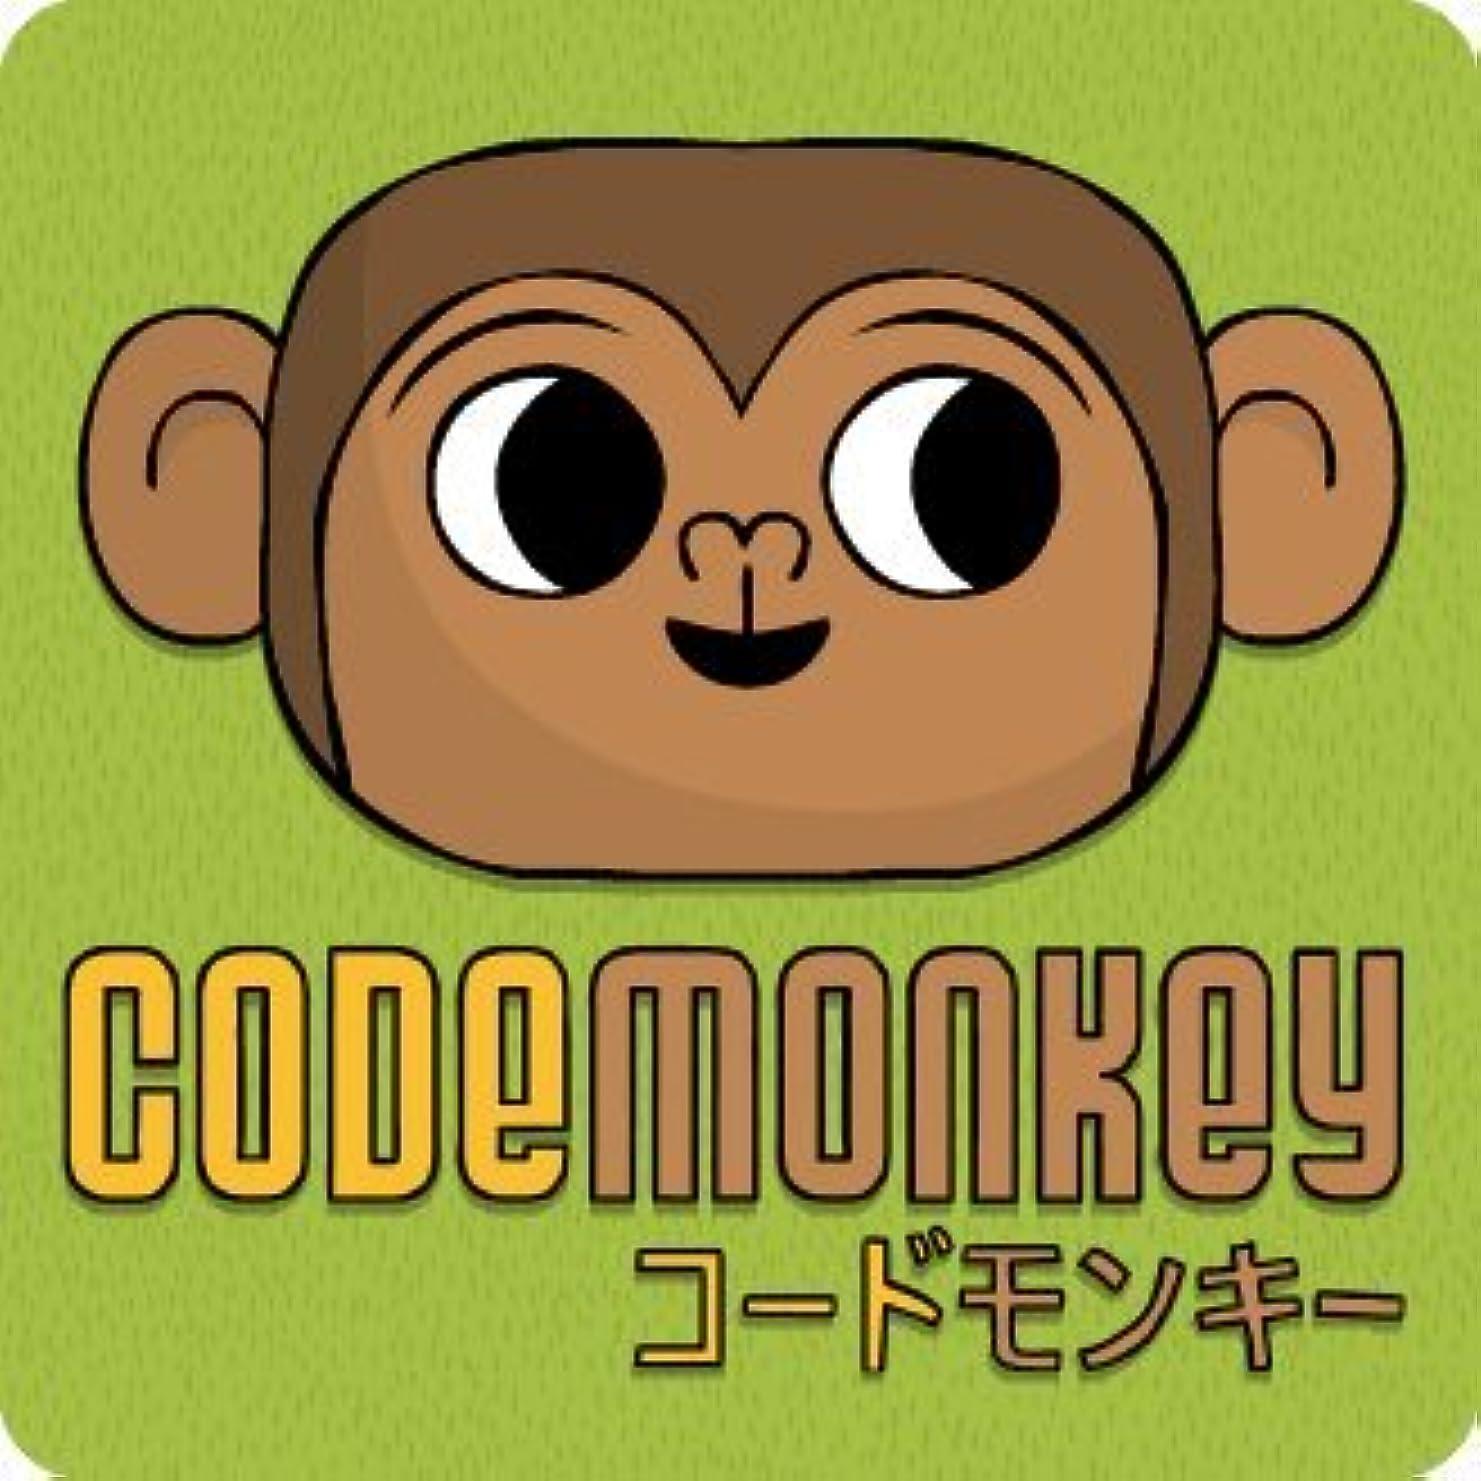 店員統合ミキサープログラミング学習ゲーム CodeMonkey(コードモンキー)コードの冒険ライセンス【パッケージ版 1年】